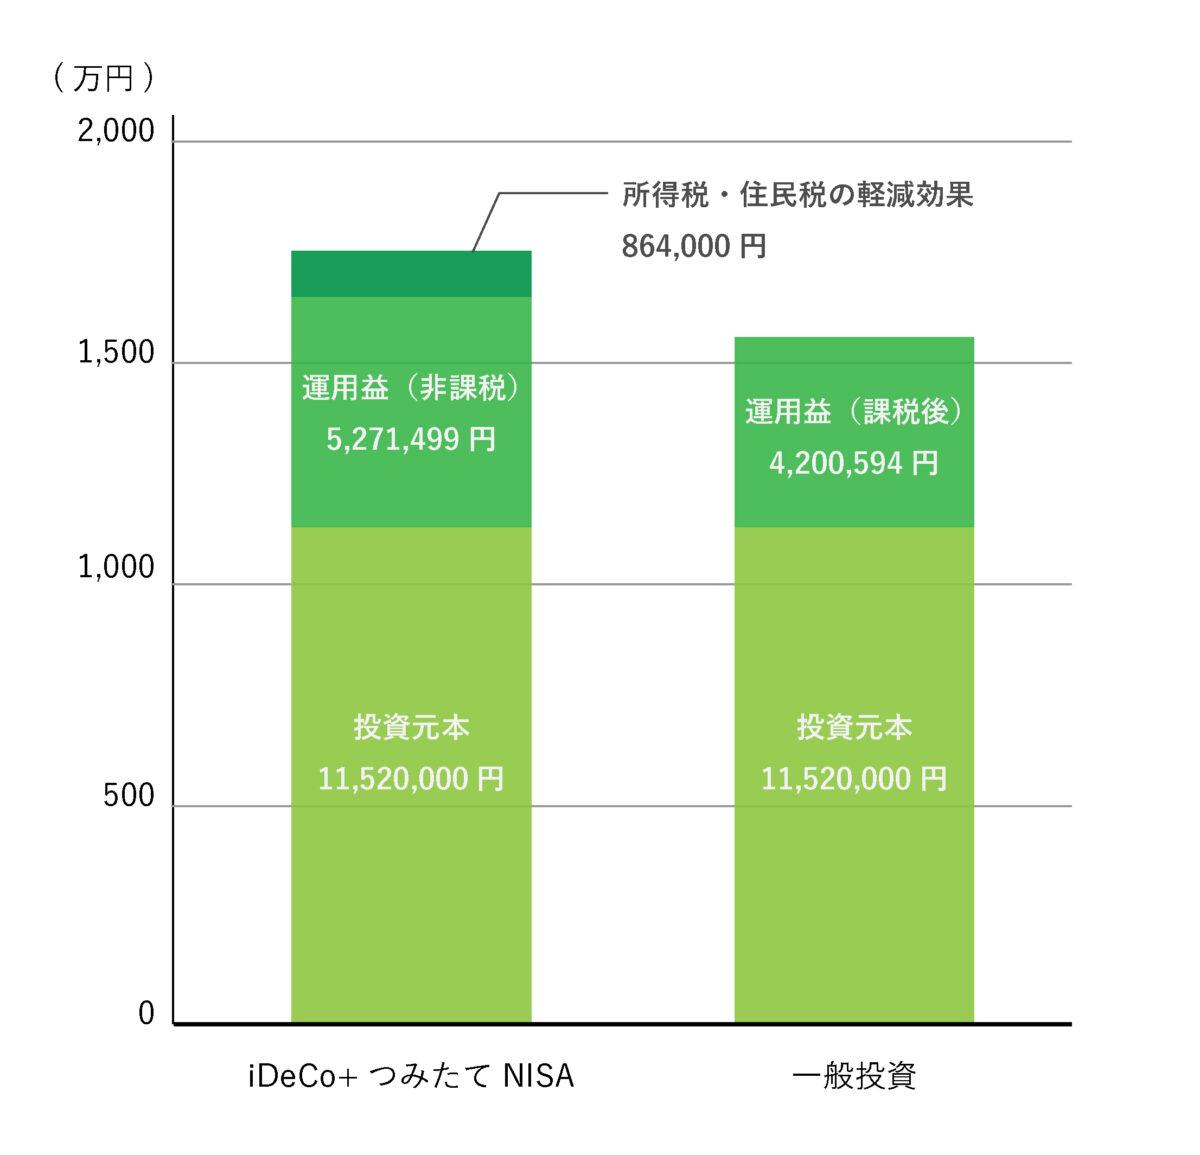 iDeCo+つみたてNISAの節税効果図